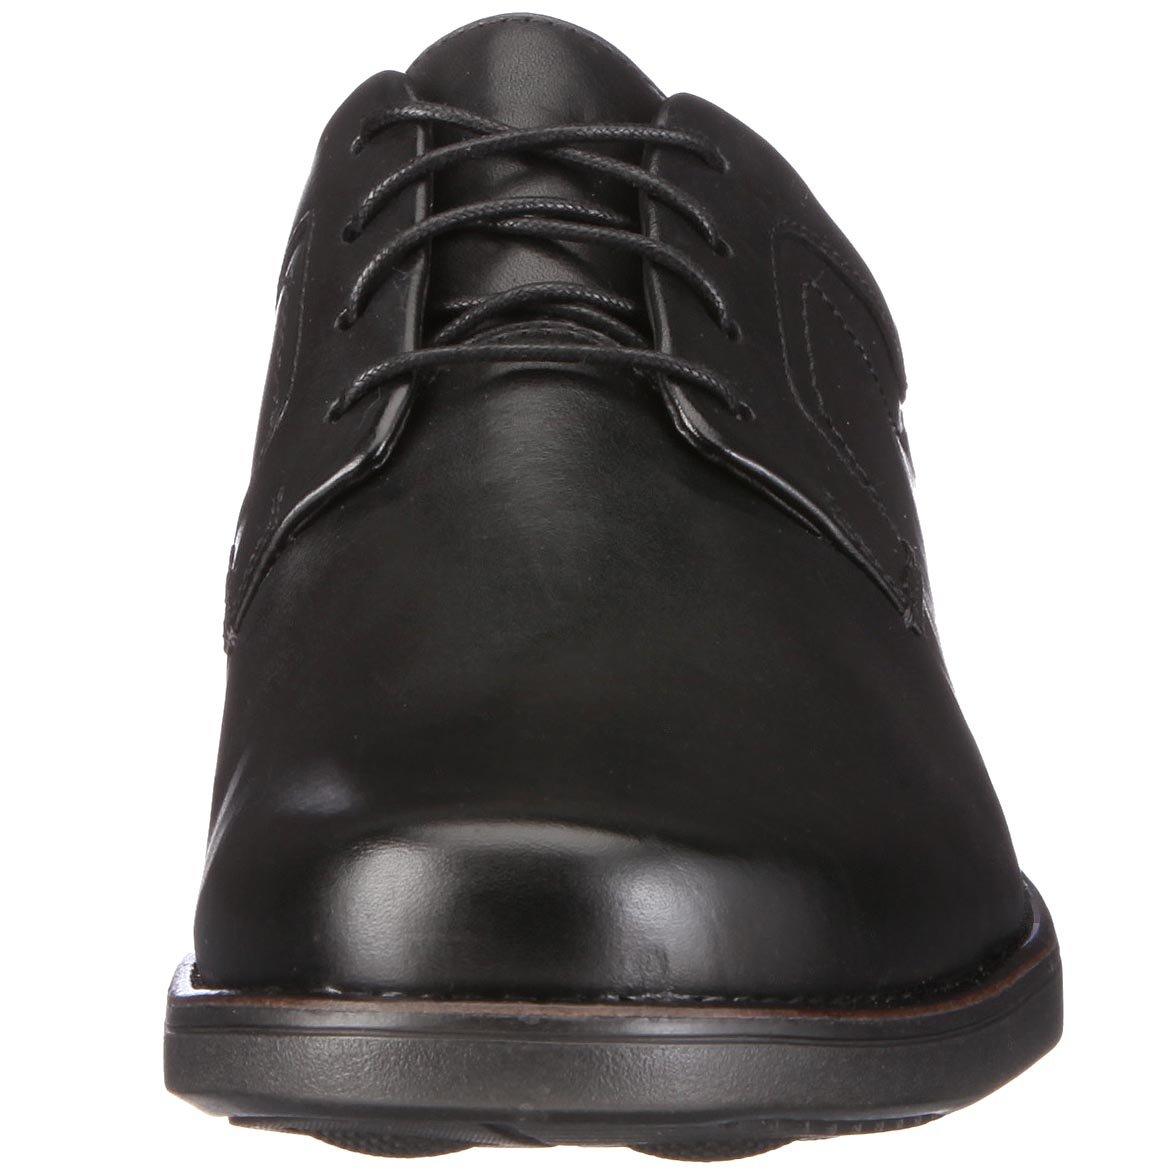 Clarks Carter Air Herren Leder) Derby Schnürhalbschuhe Schwarz (schwarz Leder) Herren 841e26